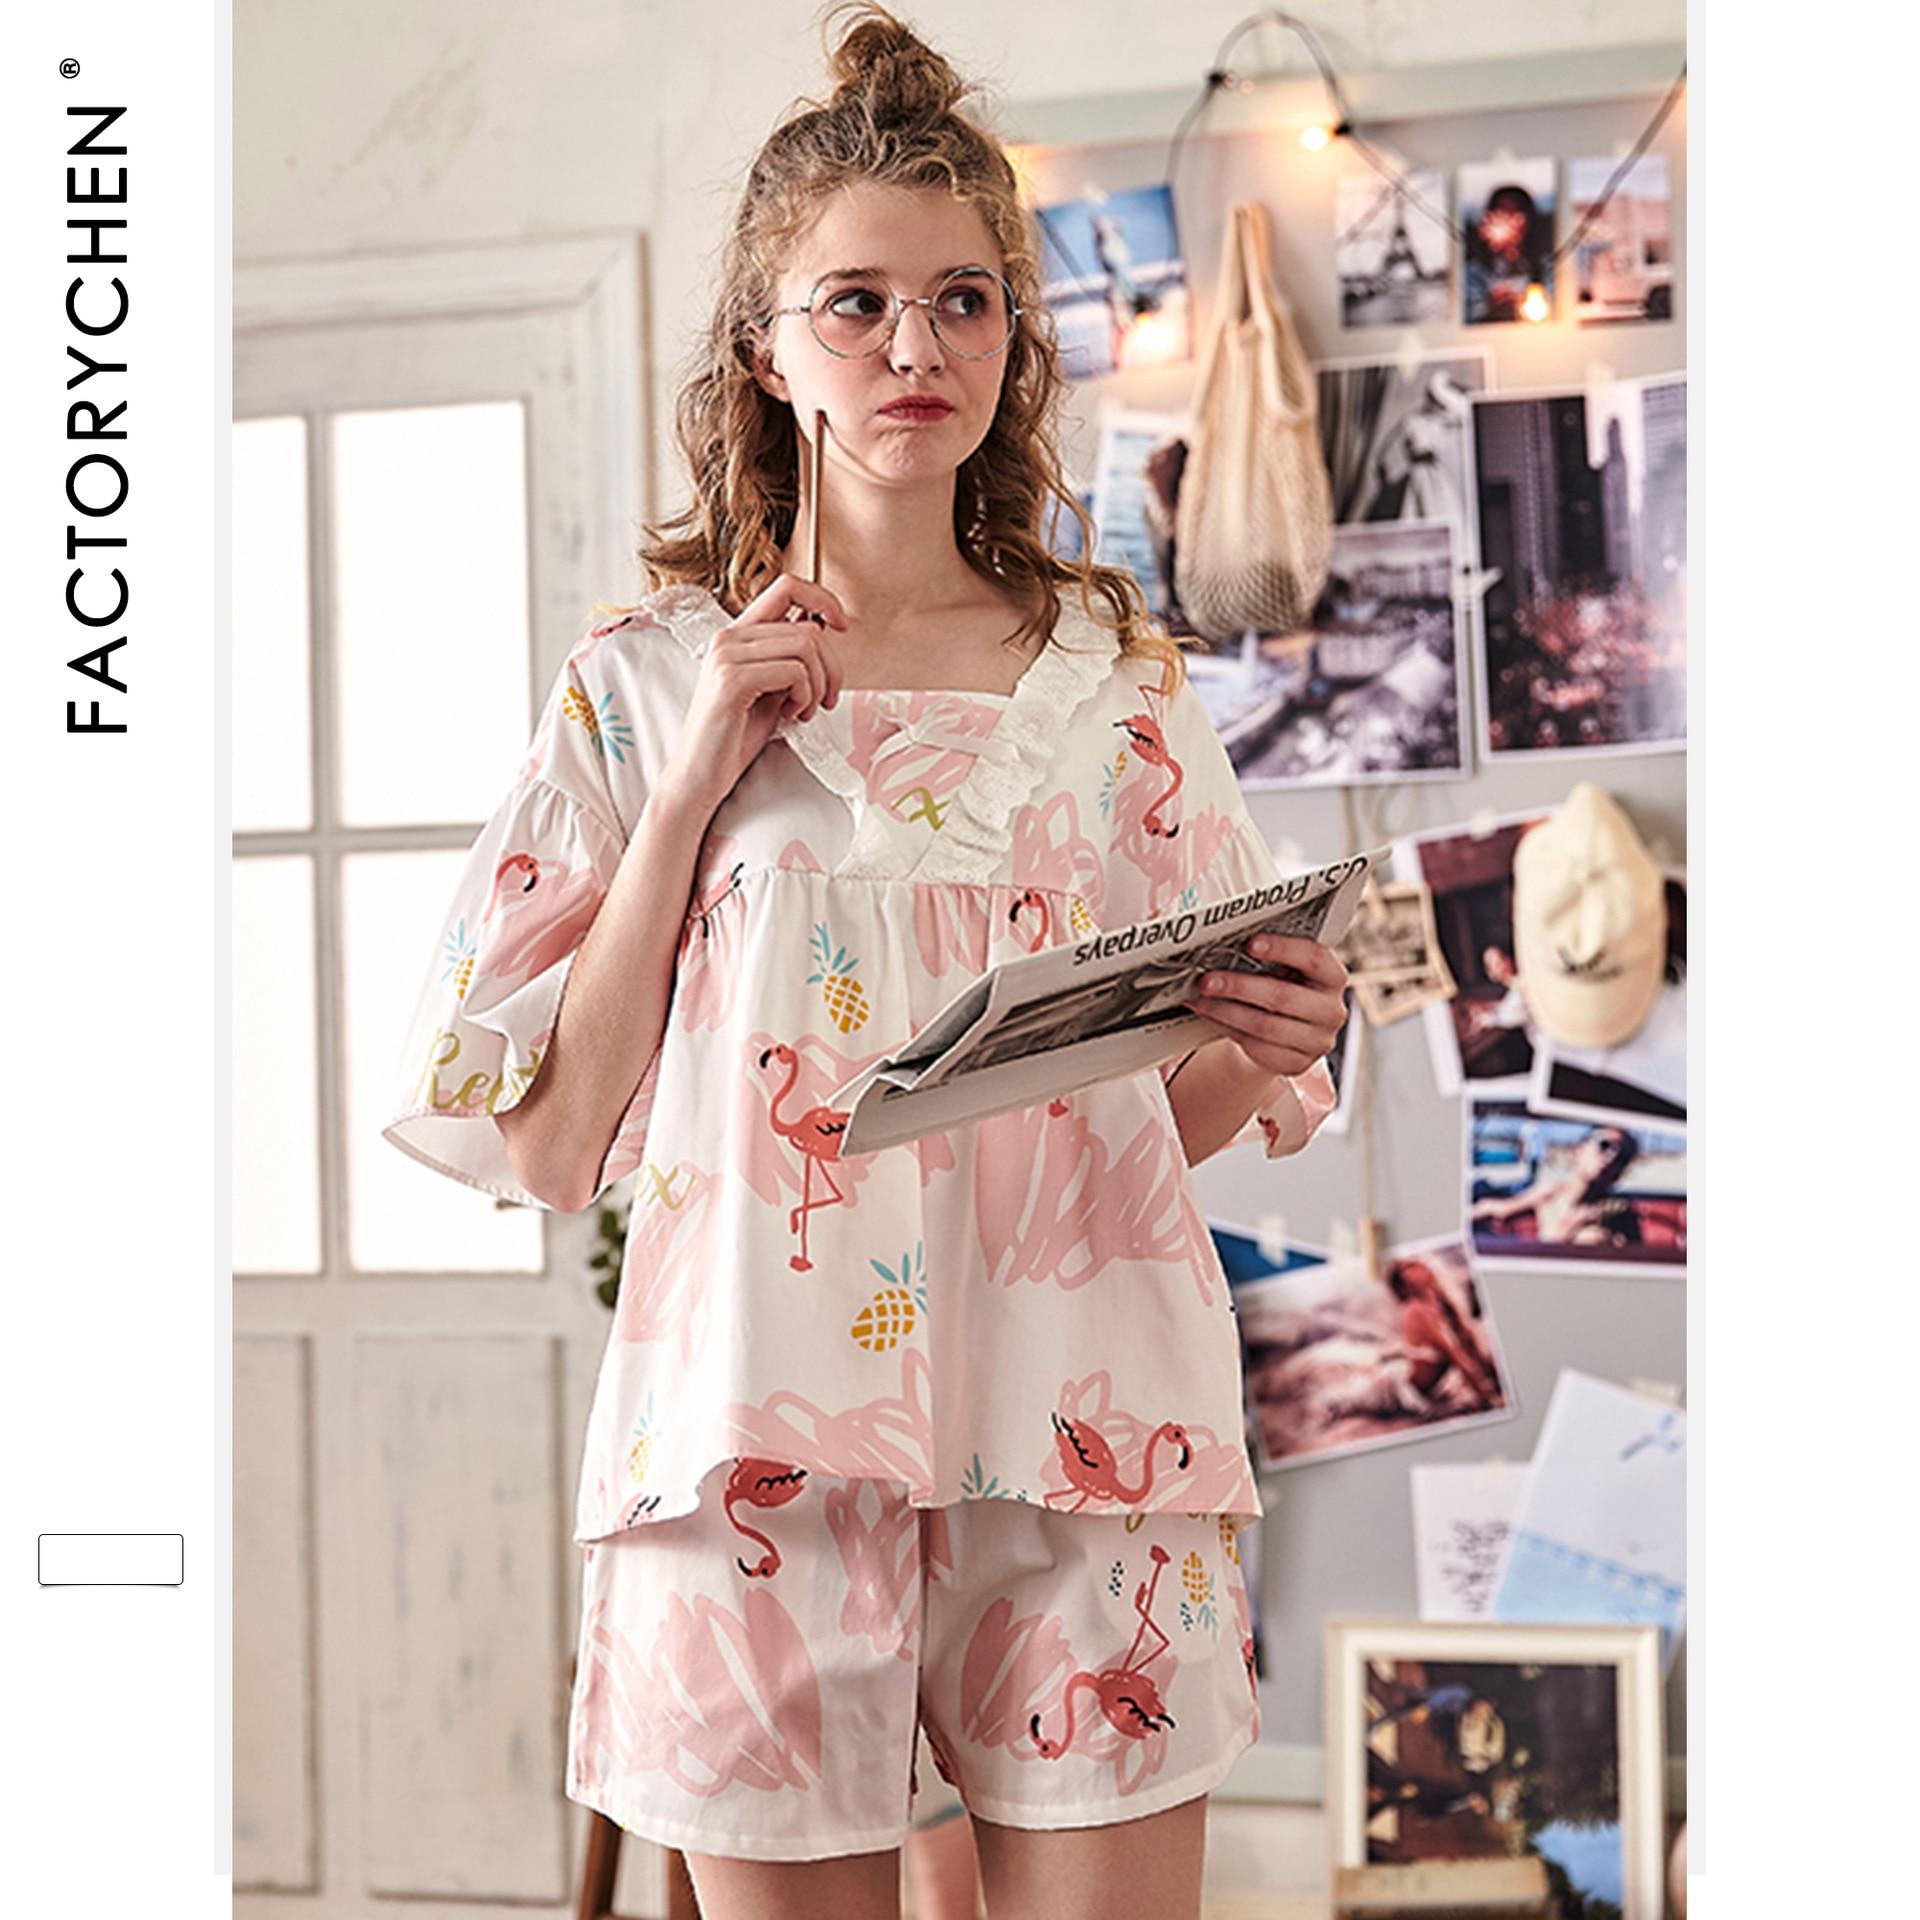 Свободные женские пижамы с коротким рукавом и рисунком фламинго, летние шорты, пижама с v образным вырезом, пижама с принтом, домашняя одежда для сна, комплект из 2 предметов-in Комплекты пижам from Нижнее белье и пижамы on AliExpress - 11.11_Double 11_Singles' Day